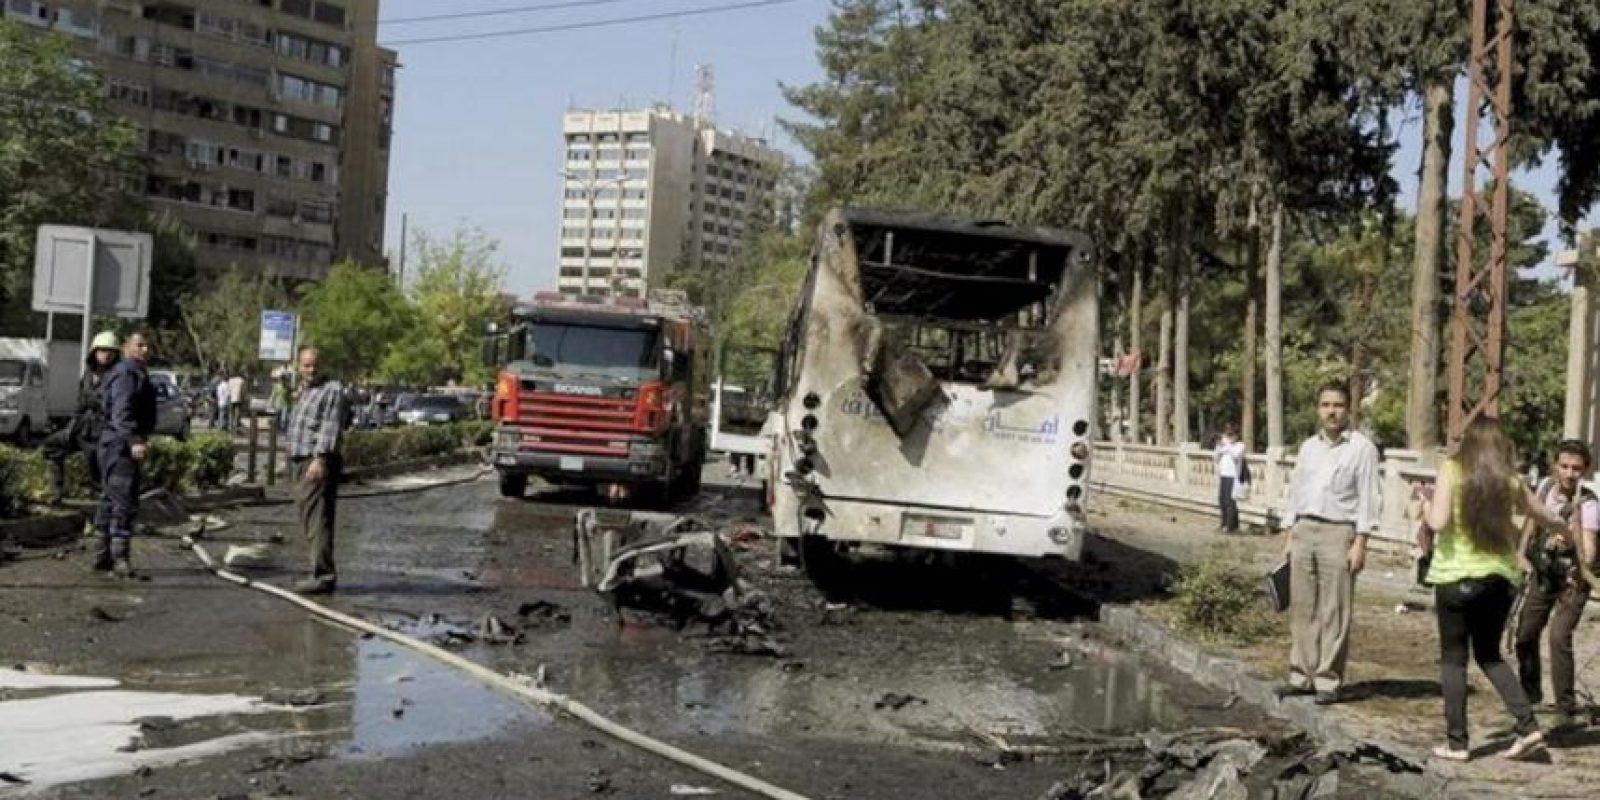 Fotografía facilitada por la agencia oficial de noticias siria SANA que muestra el lugar tras el atentado contra el convoy en el que viajaba el primer ministro sirio, Wael al Halqi, en Damasco (Siria) hoy, lunes 29 de abril de 2013. EFE